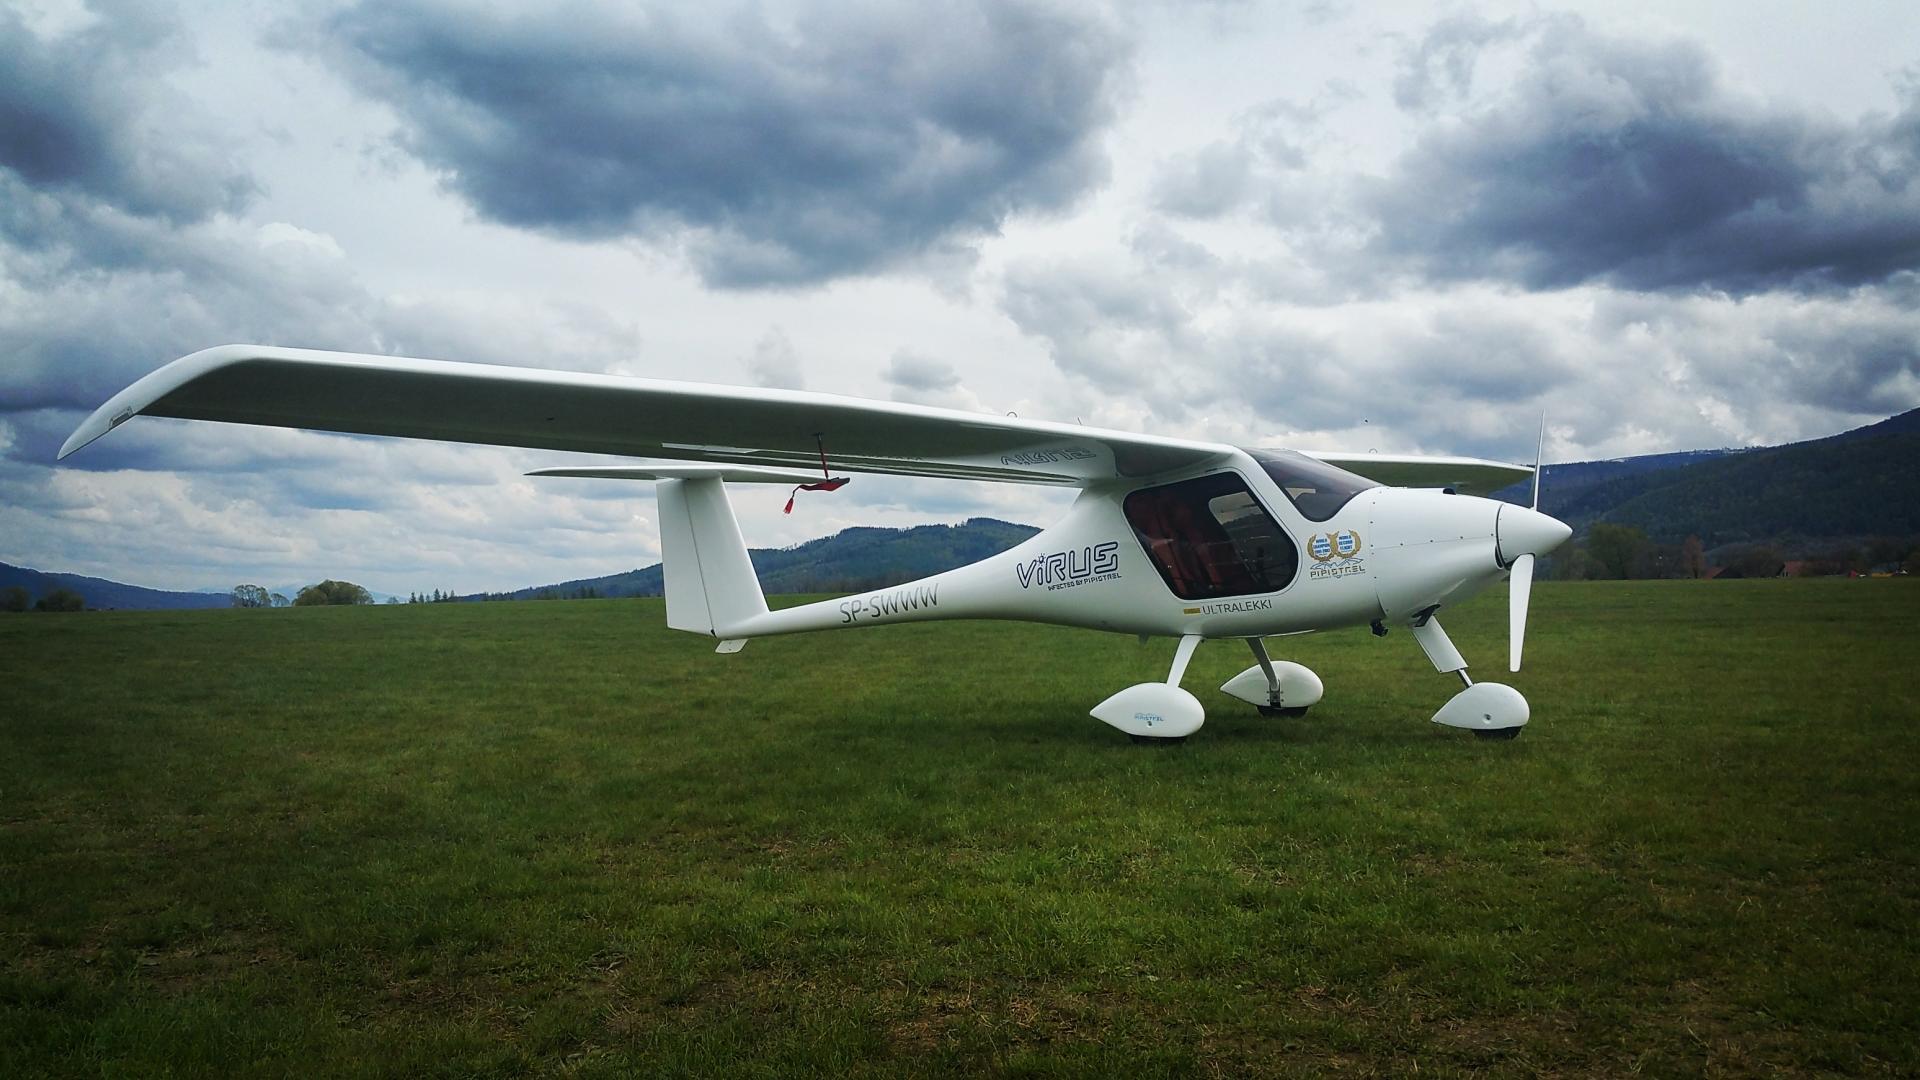 Ultralekki samolot Virus 912